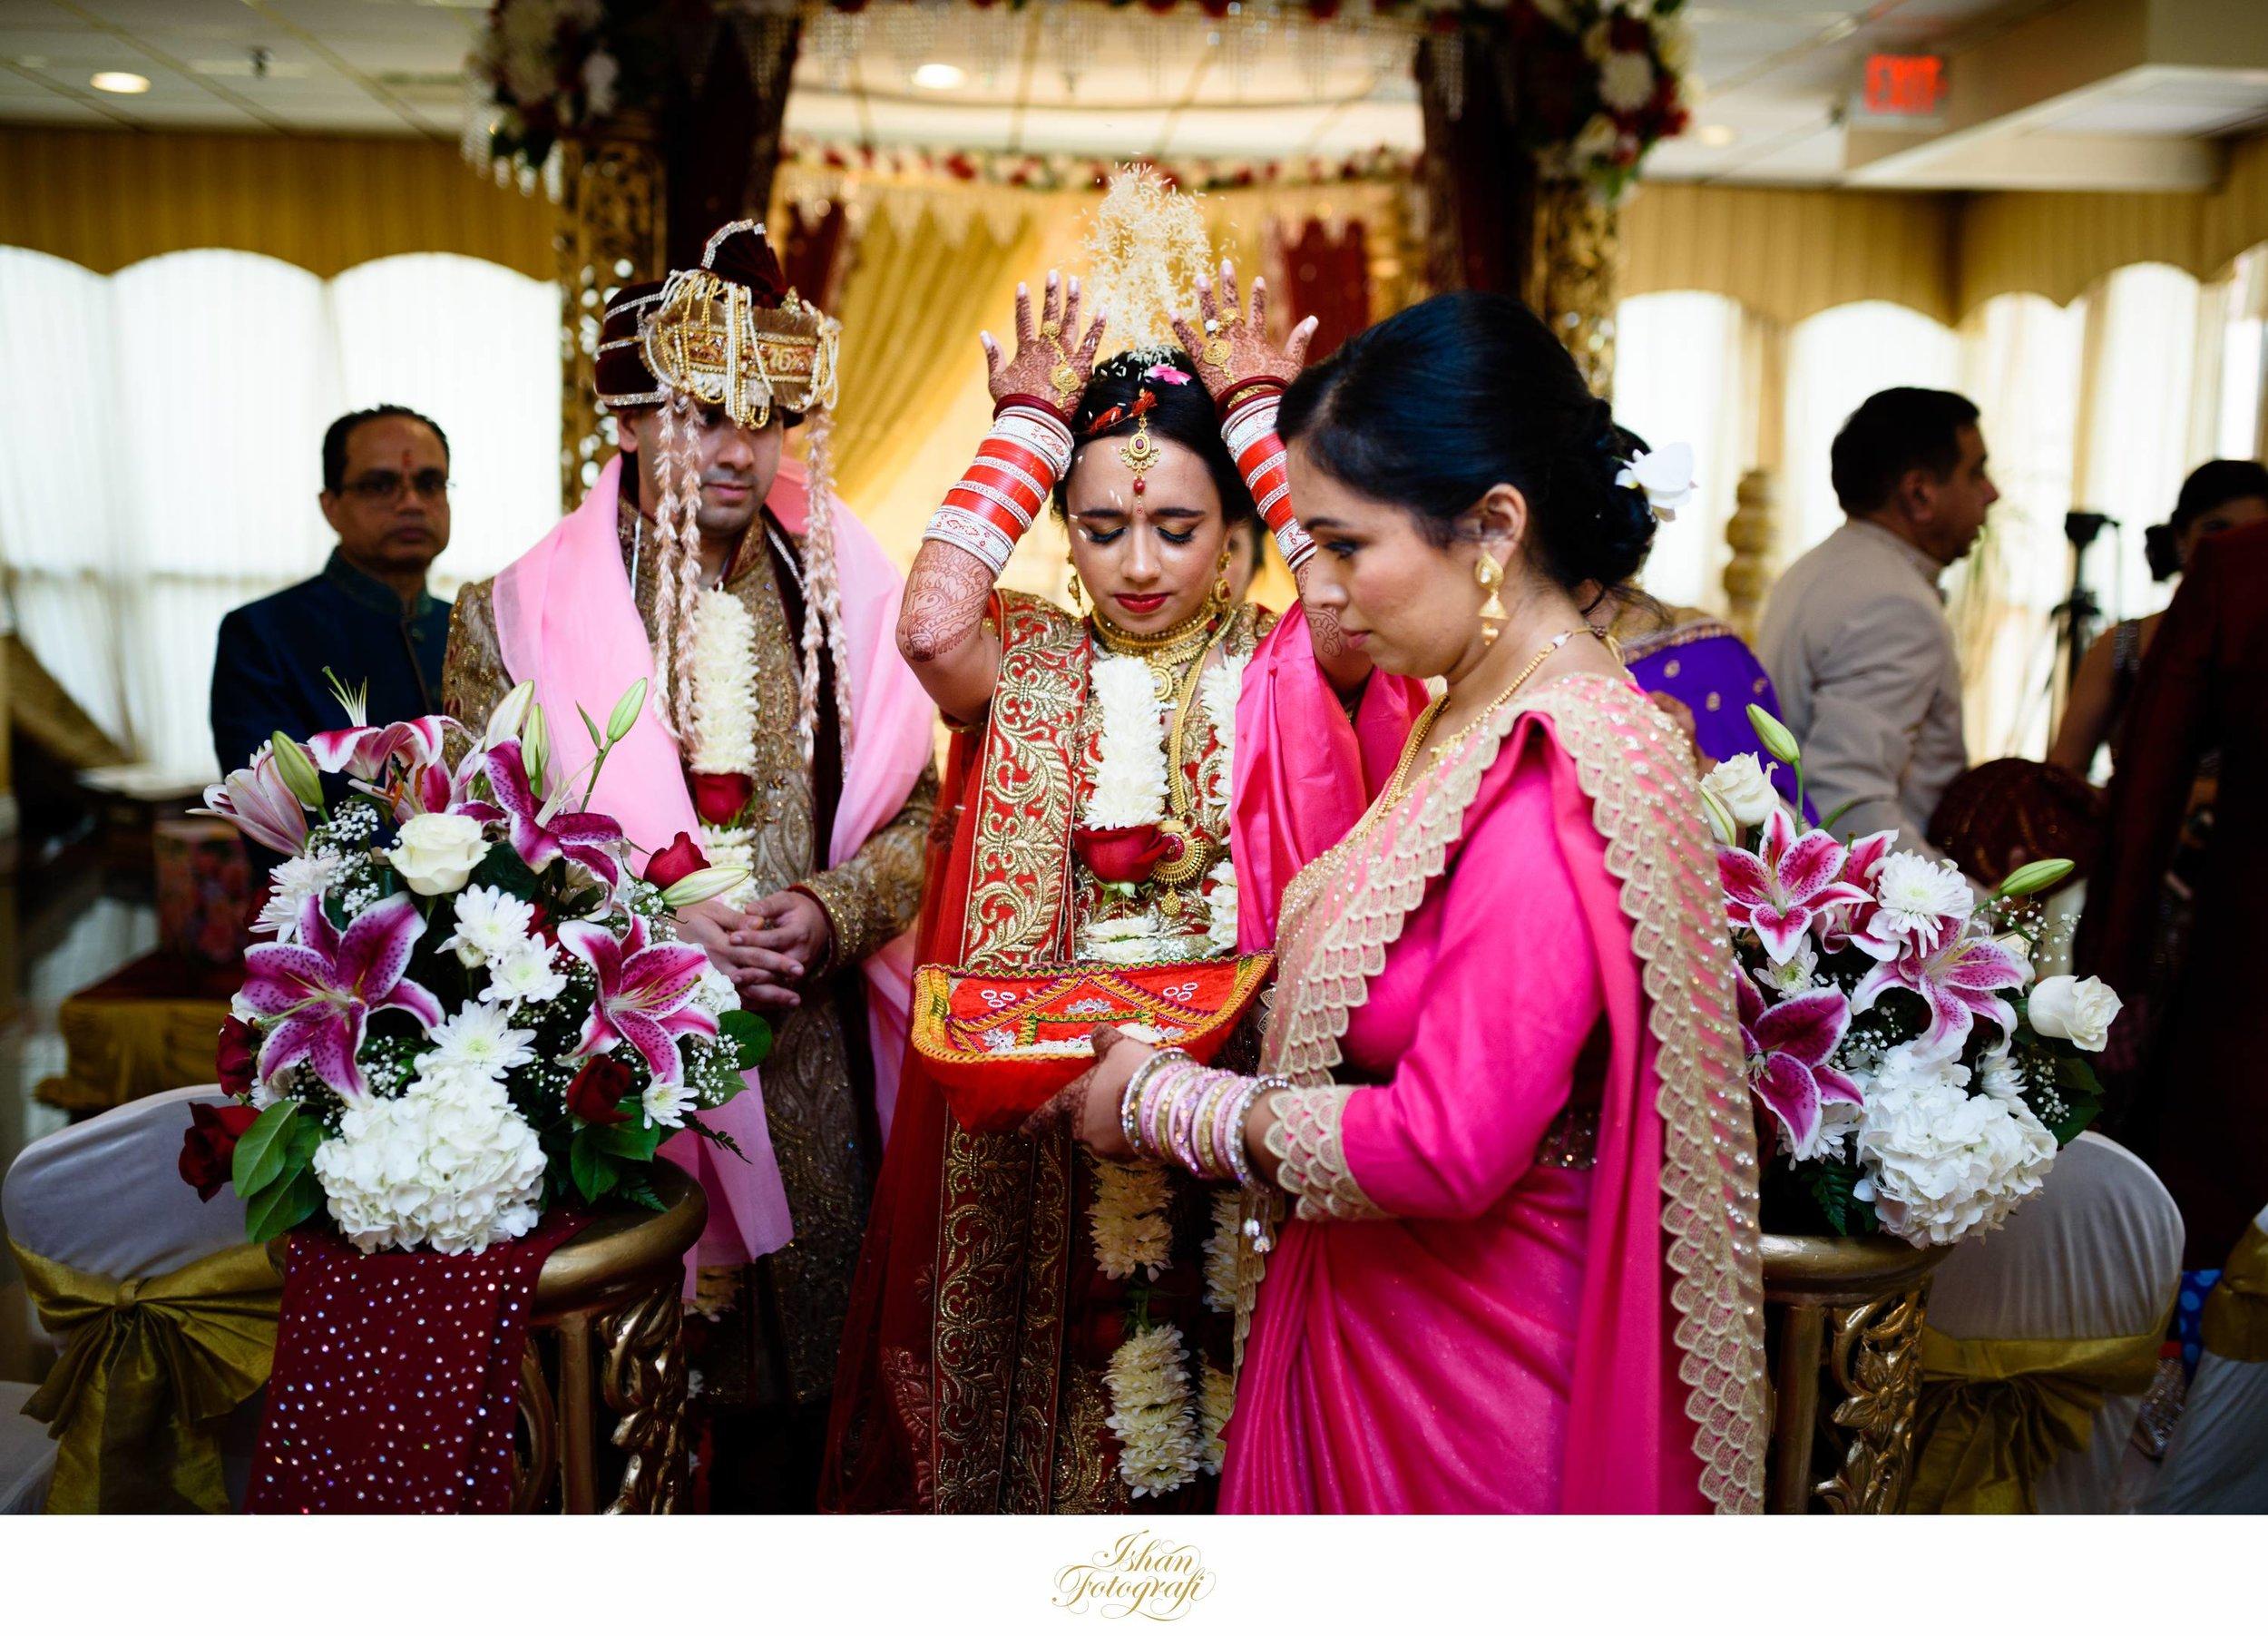 Vidaai is a traditional wedding recession.